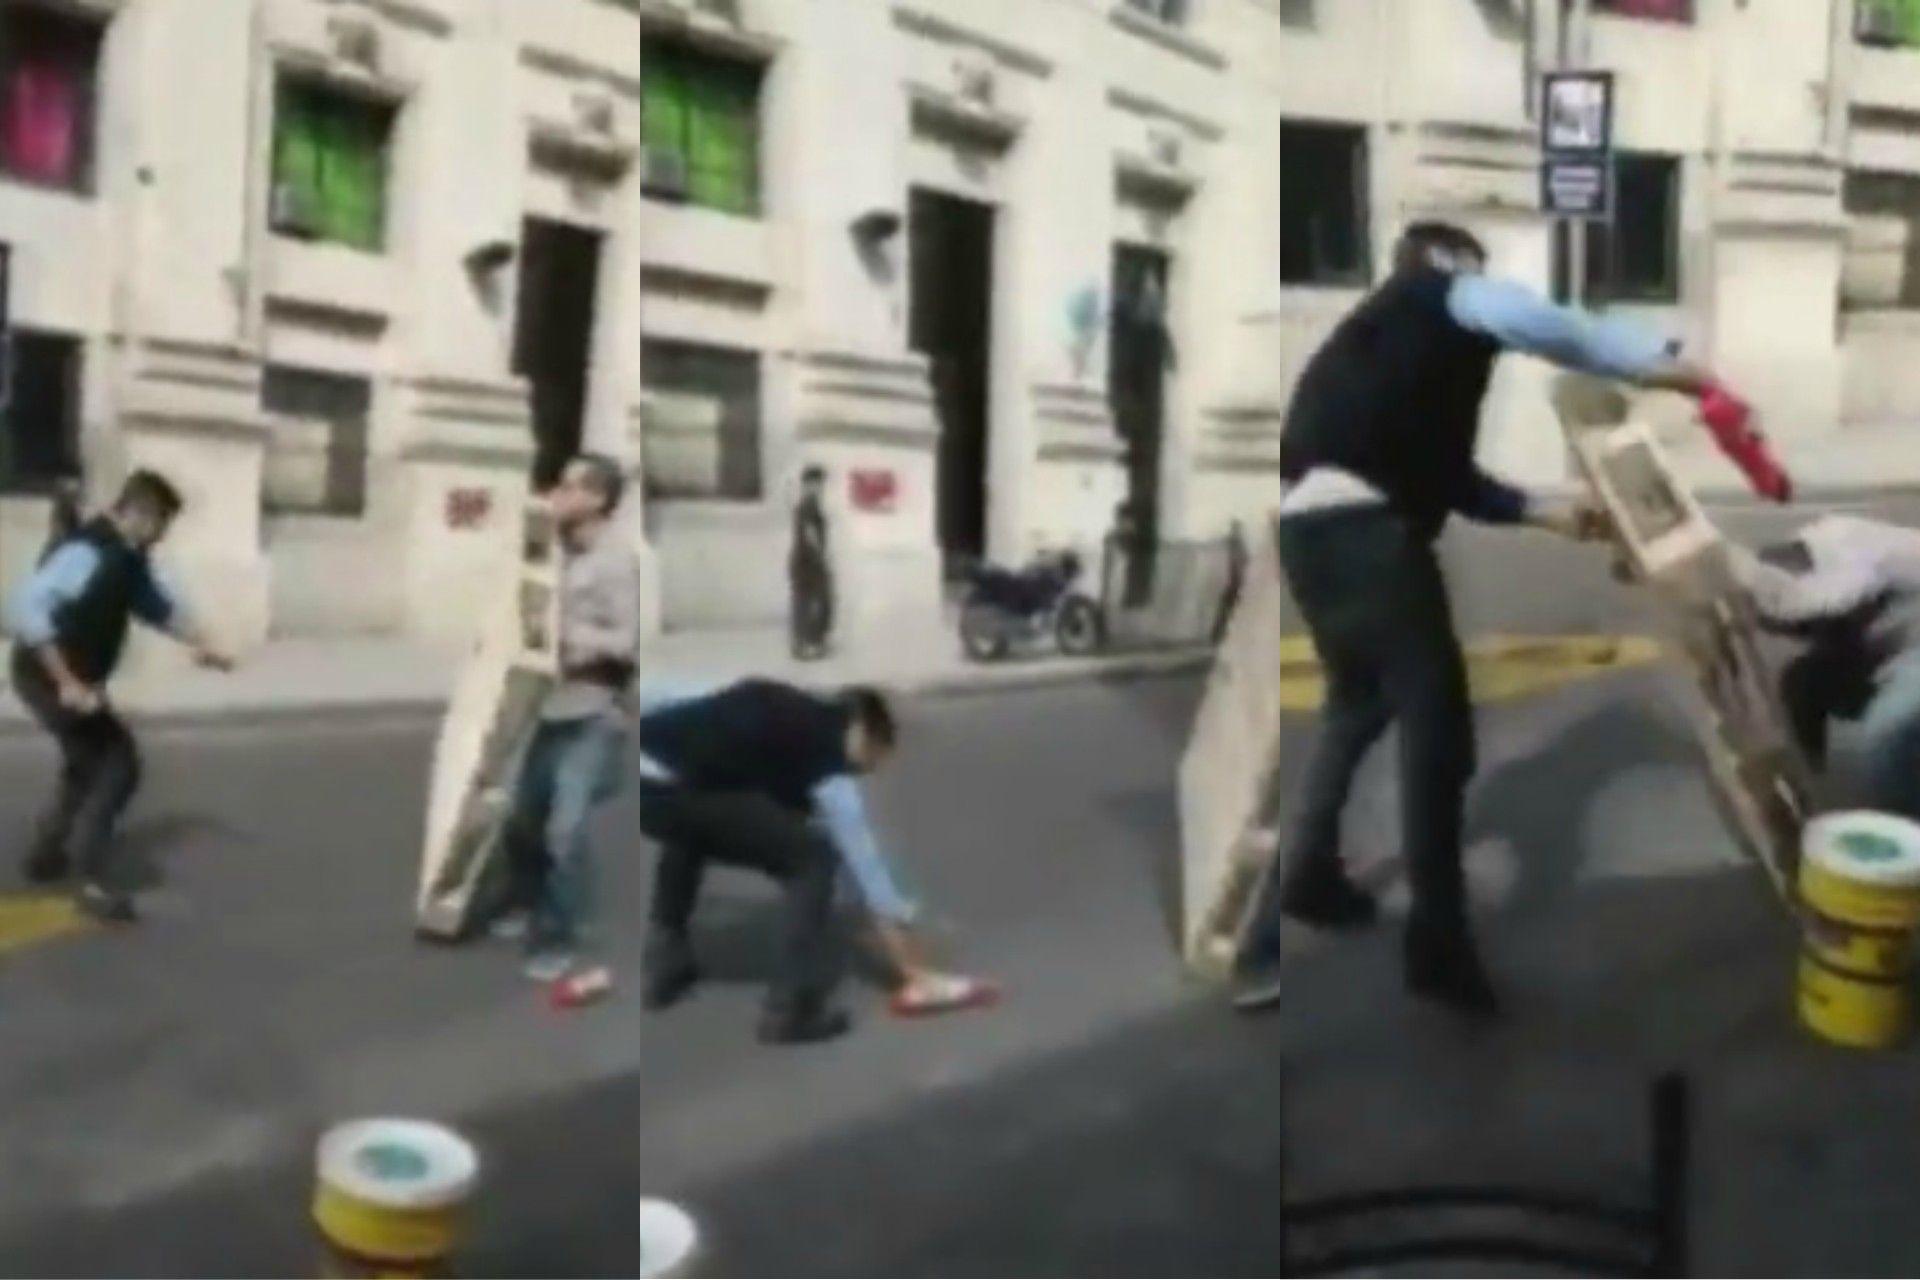 Un roce entre un auto y el colectivo terminó en una violenta pelea